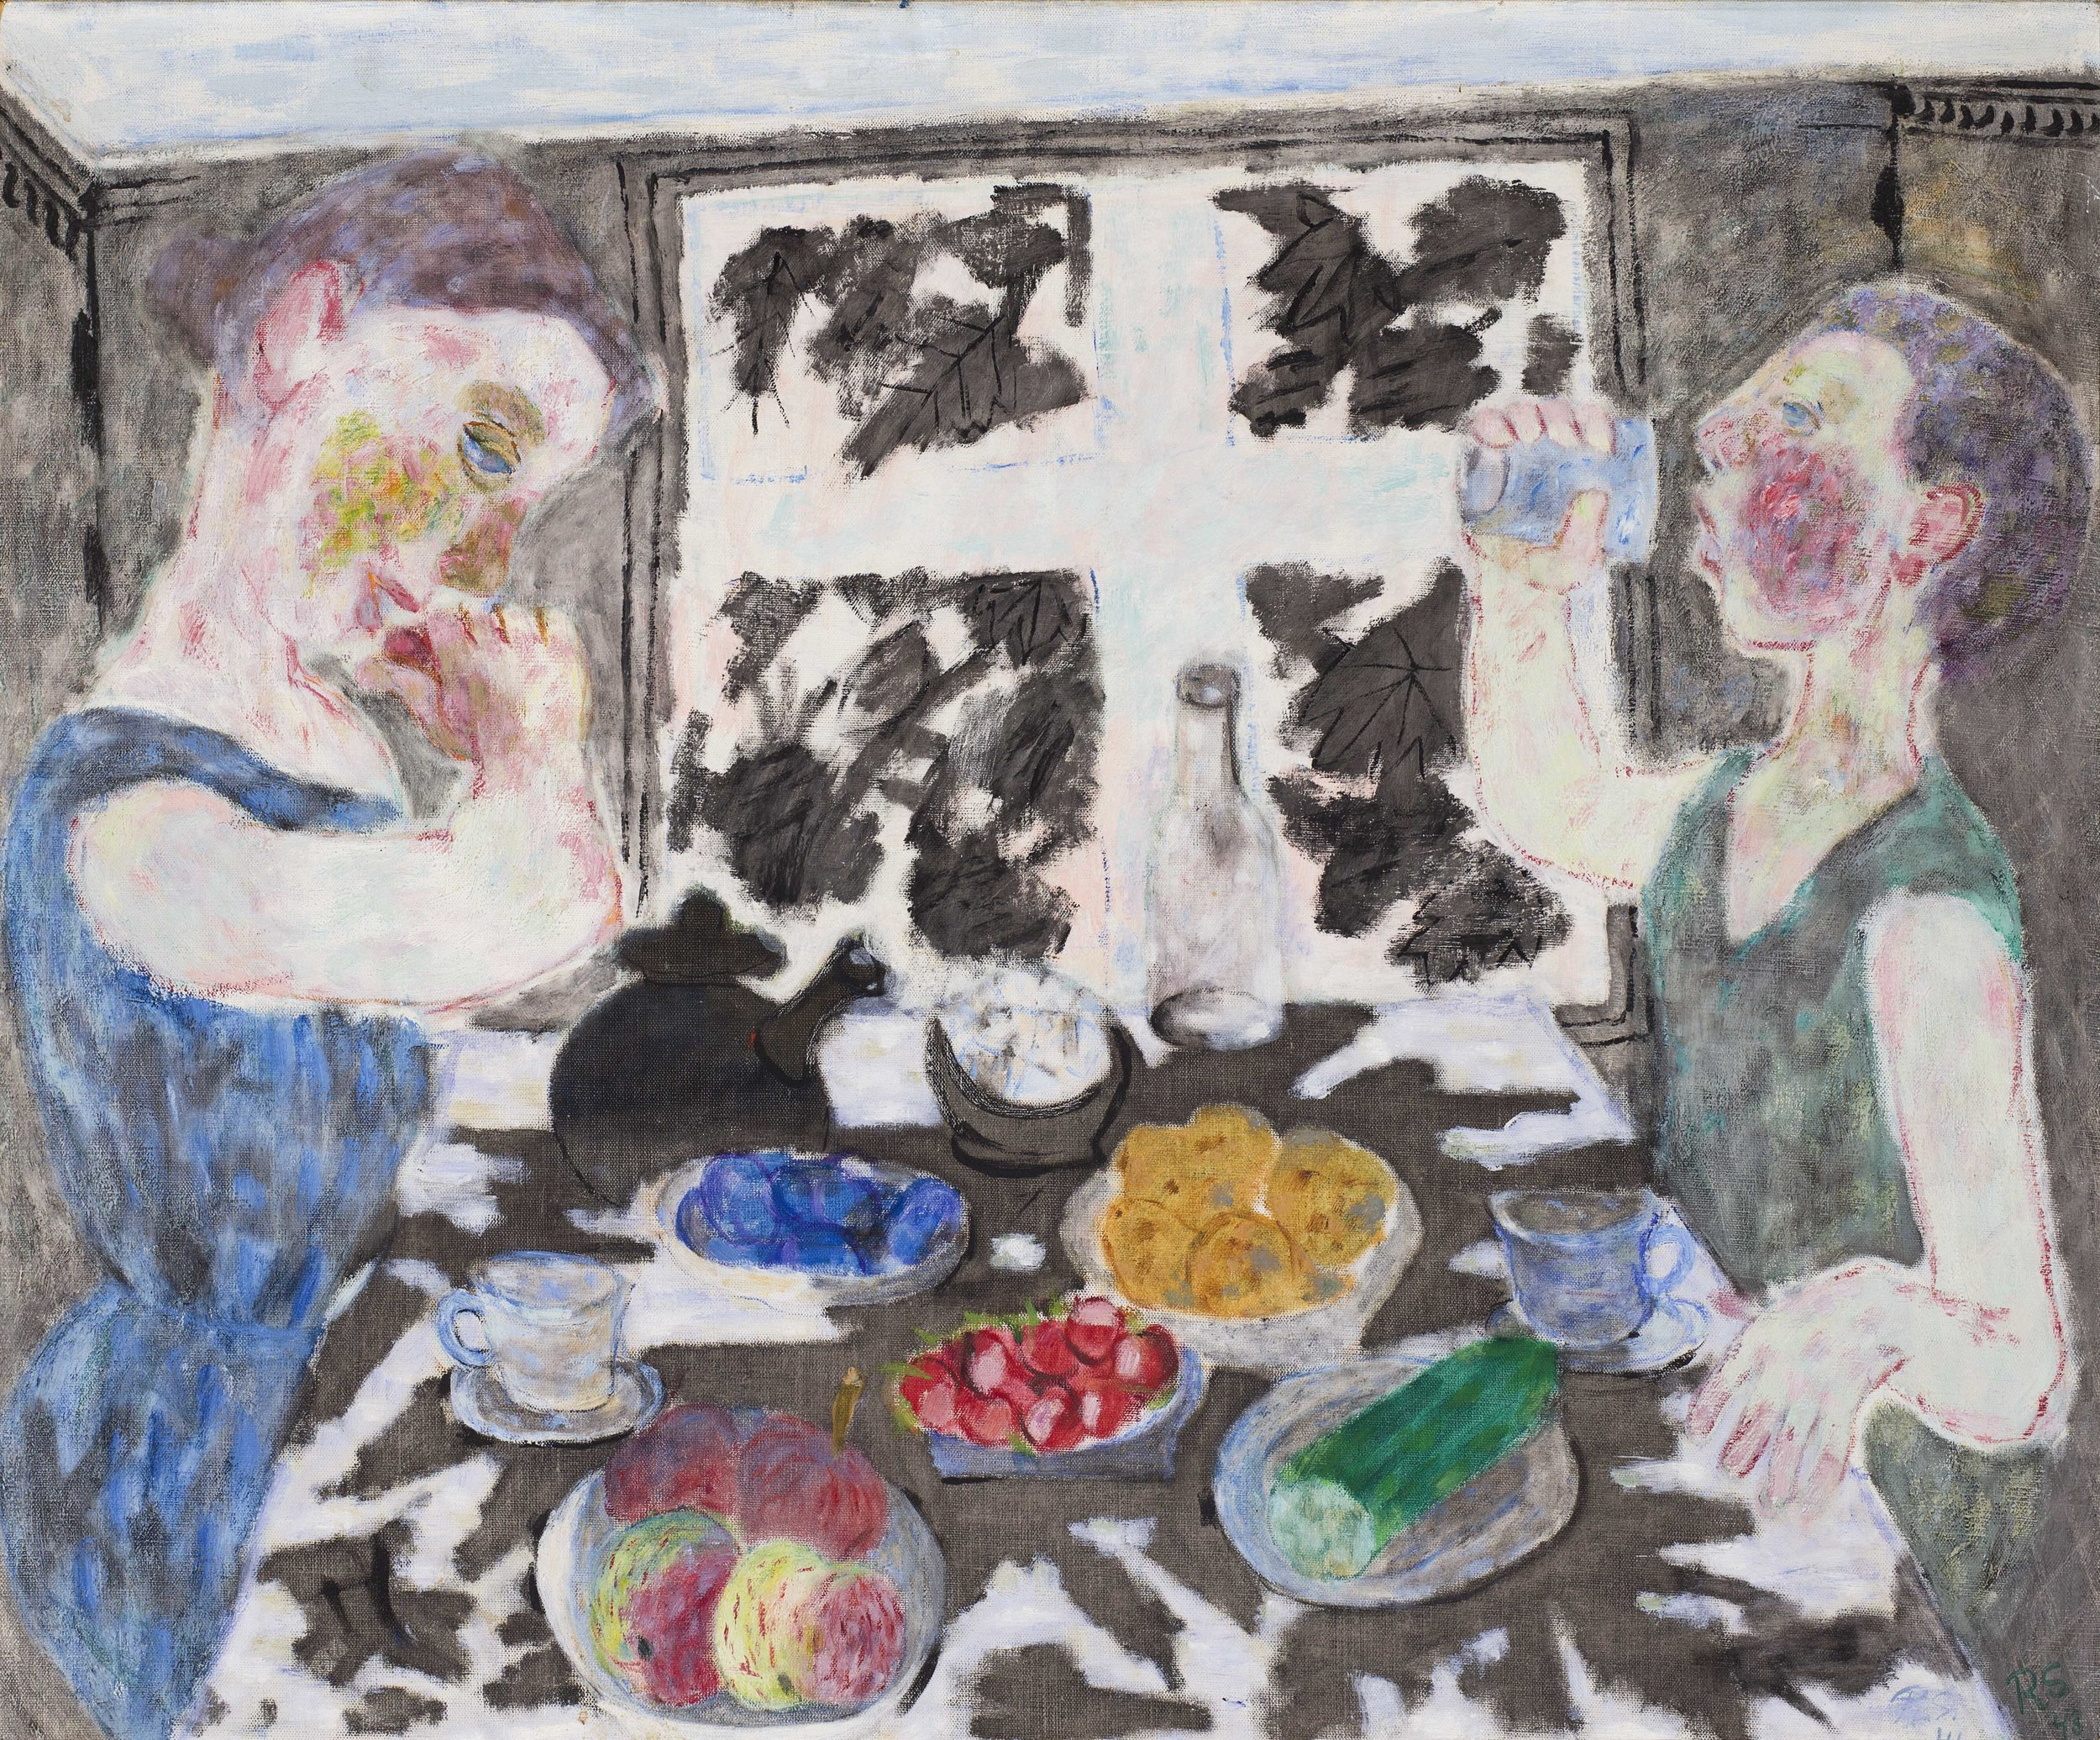 Ragnar Sandberg   Skugga på matbordet  1941/1943 Oil on canvas 78 x 93 cm